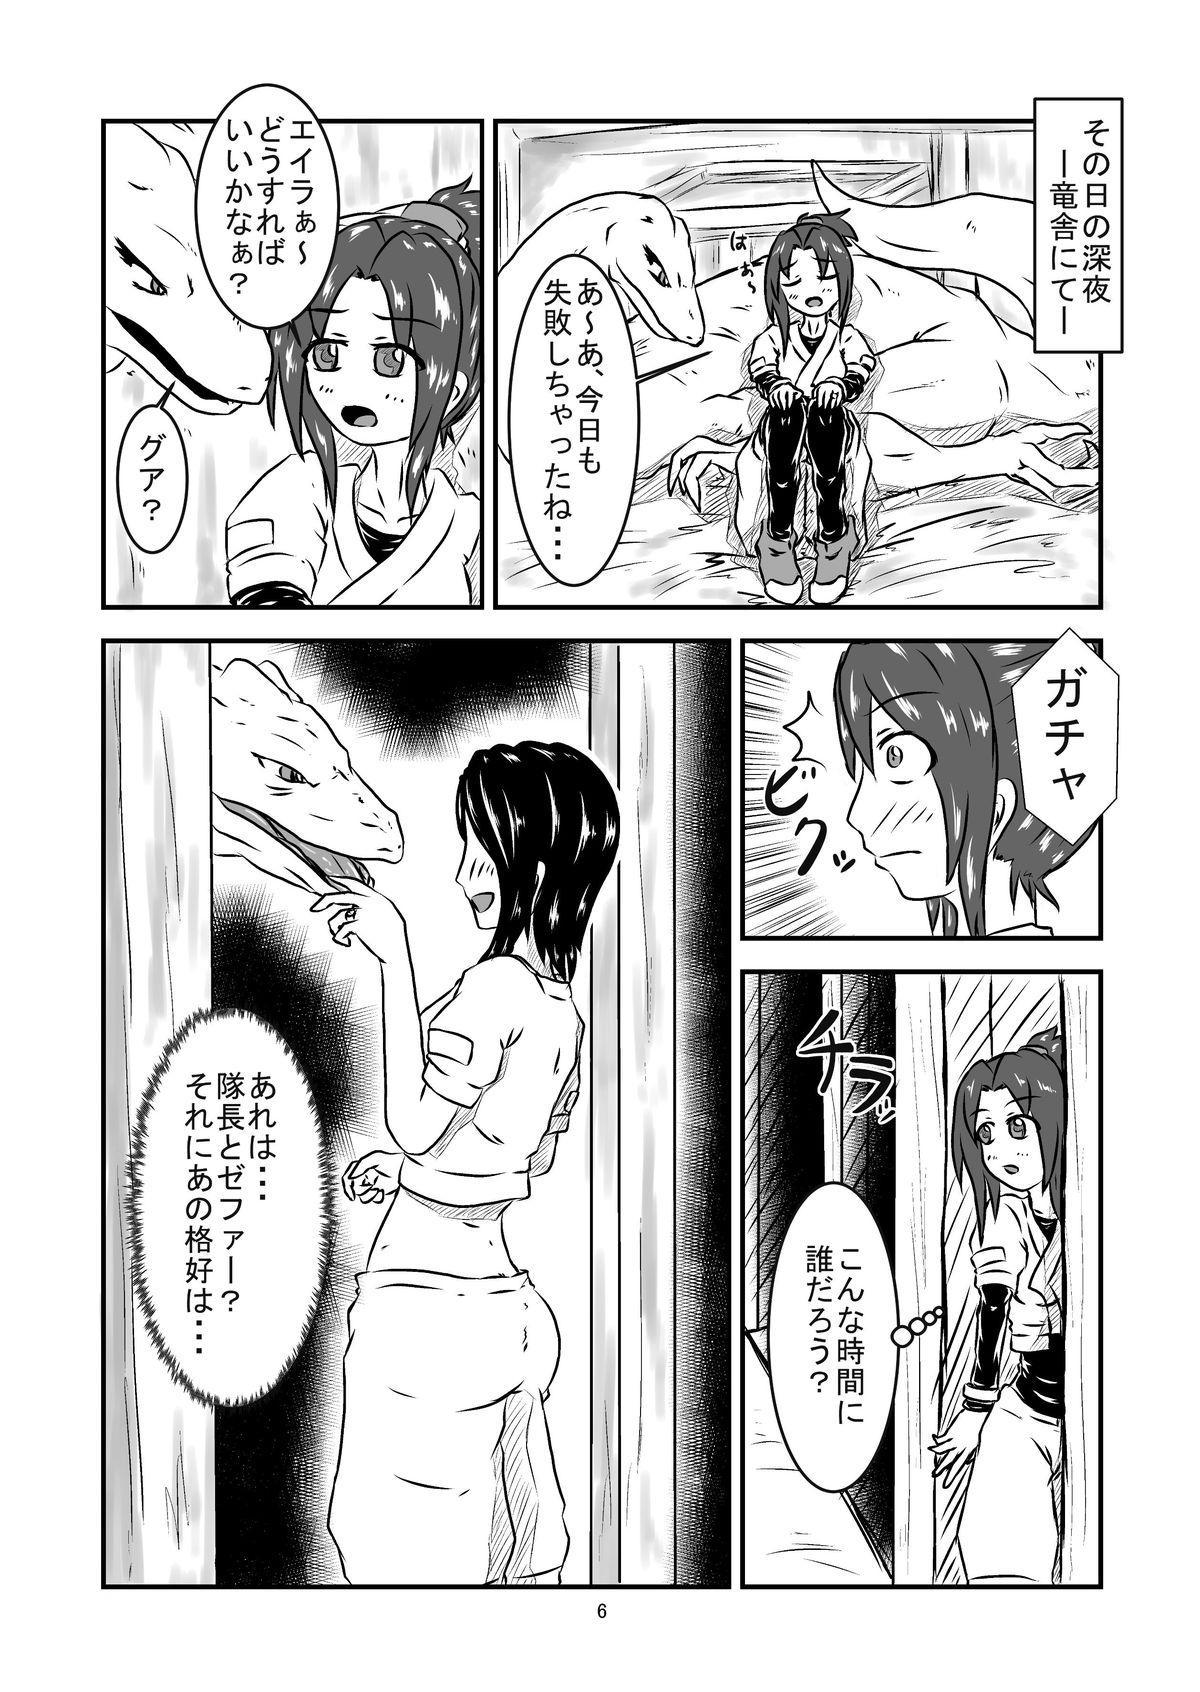 Marunomi Hanashi 5